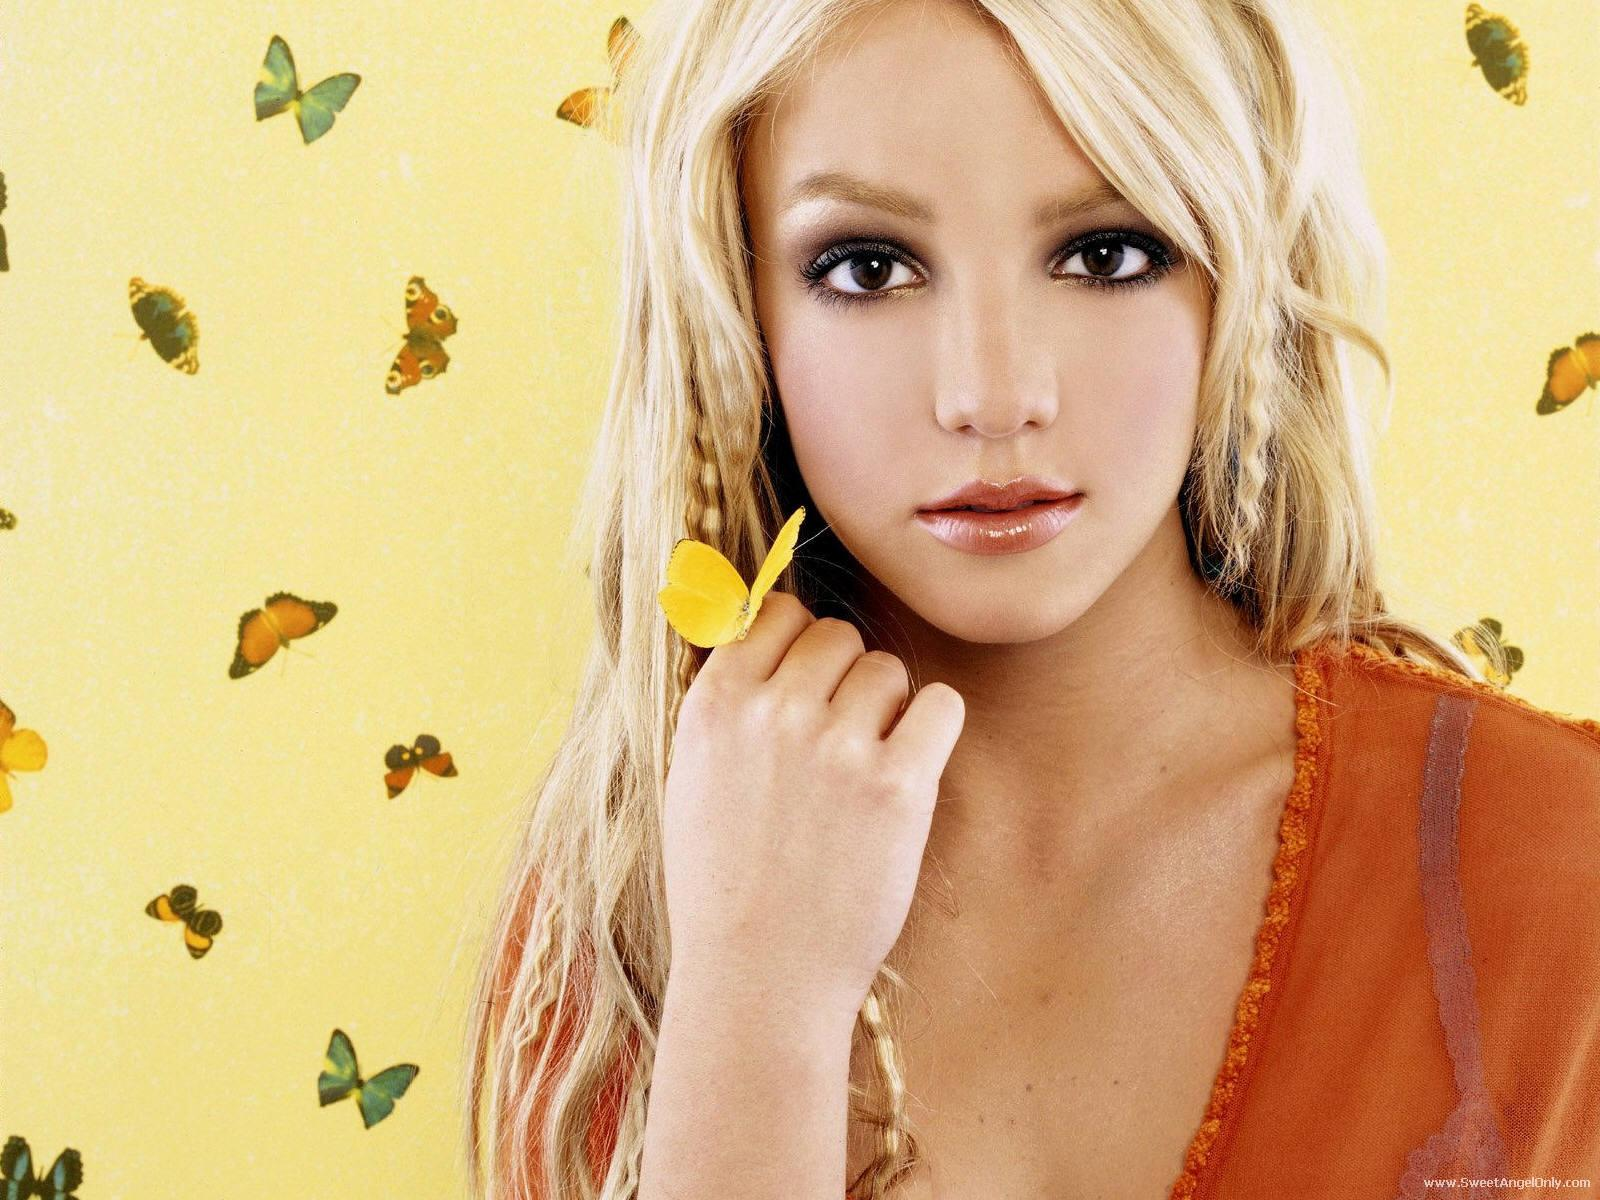 http://2.bp.blogspot.com/-tRSbbm3QYVs/TtjSiNfvf3I/AAAAAAAABqY/4Z9EcS6xBOo/s1600/britney_spears_pop_singer_photo_shoot_wallpaper-1600x1200-17.jpg